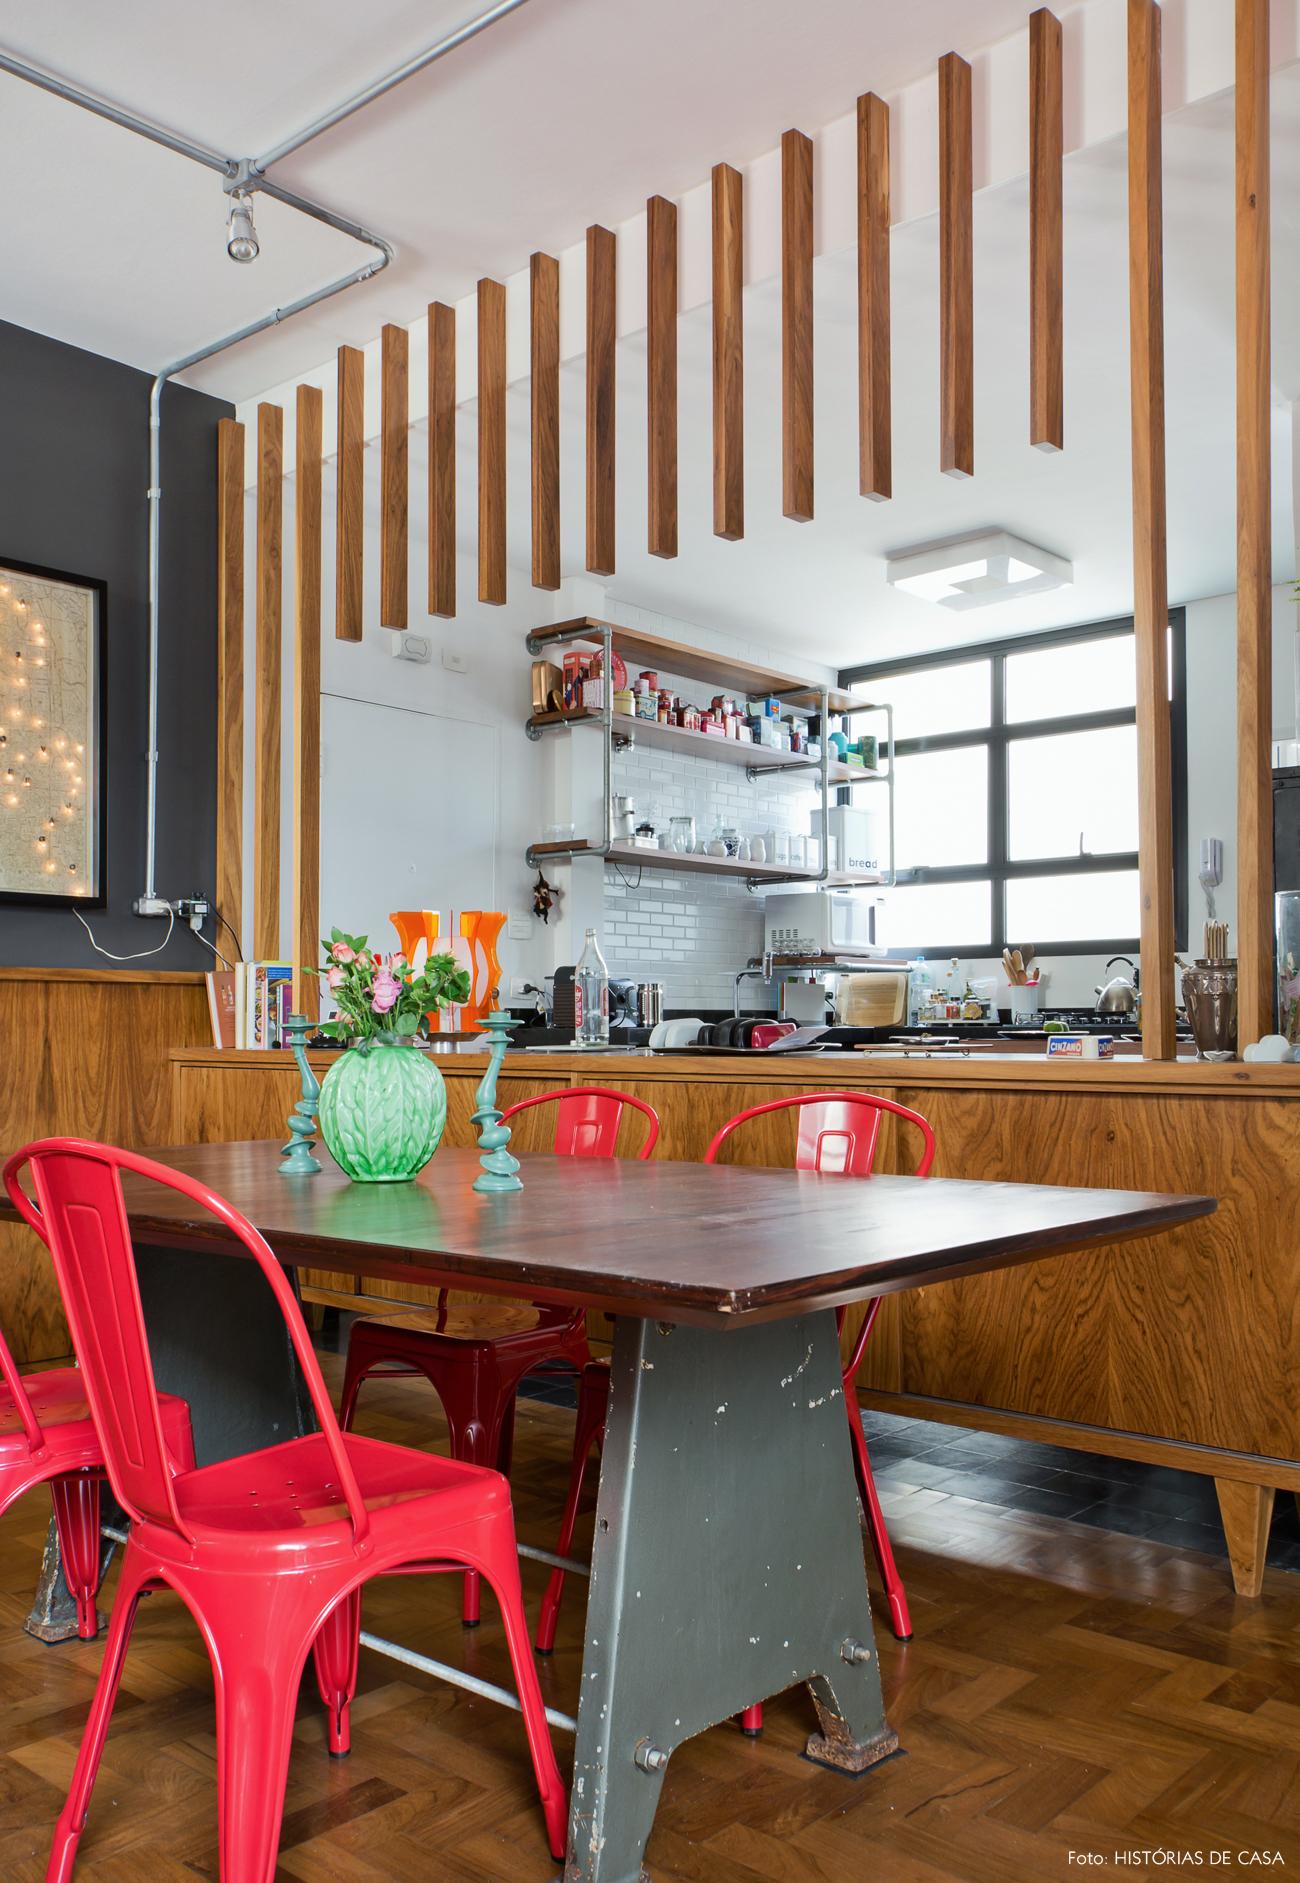 06-decoracao-sala-de-jantar-integrada-cozinha-parede-com-brises